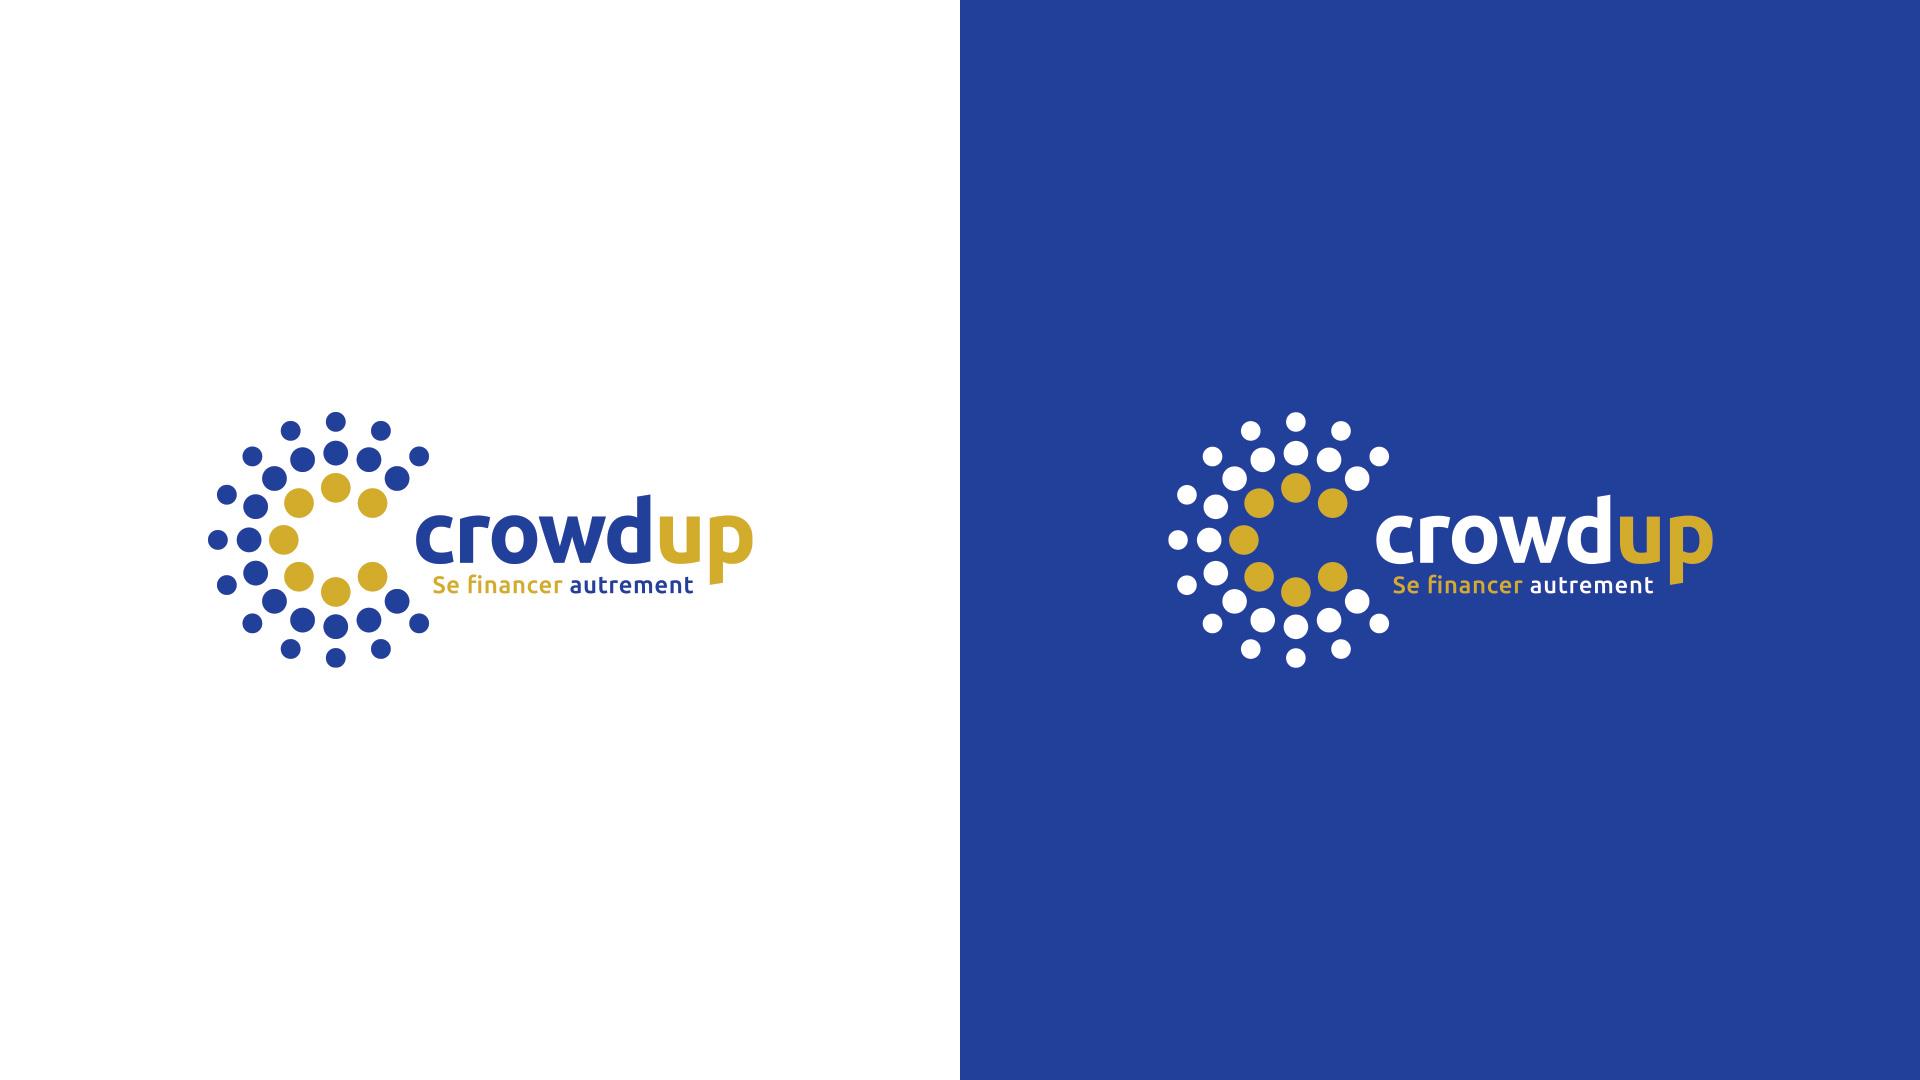 Création logo crowdfunding financement participatif Crowdup